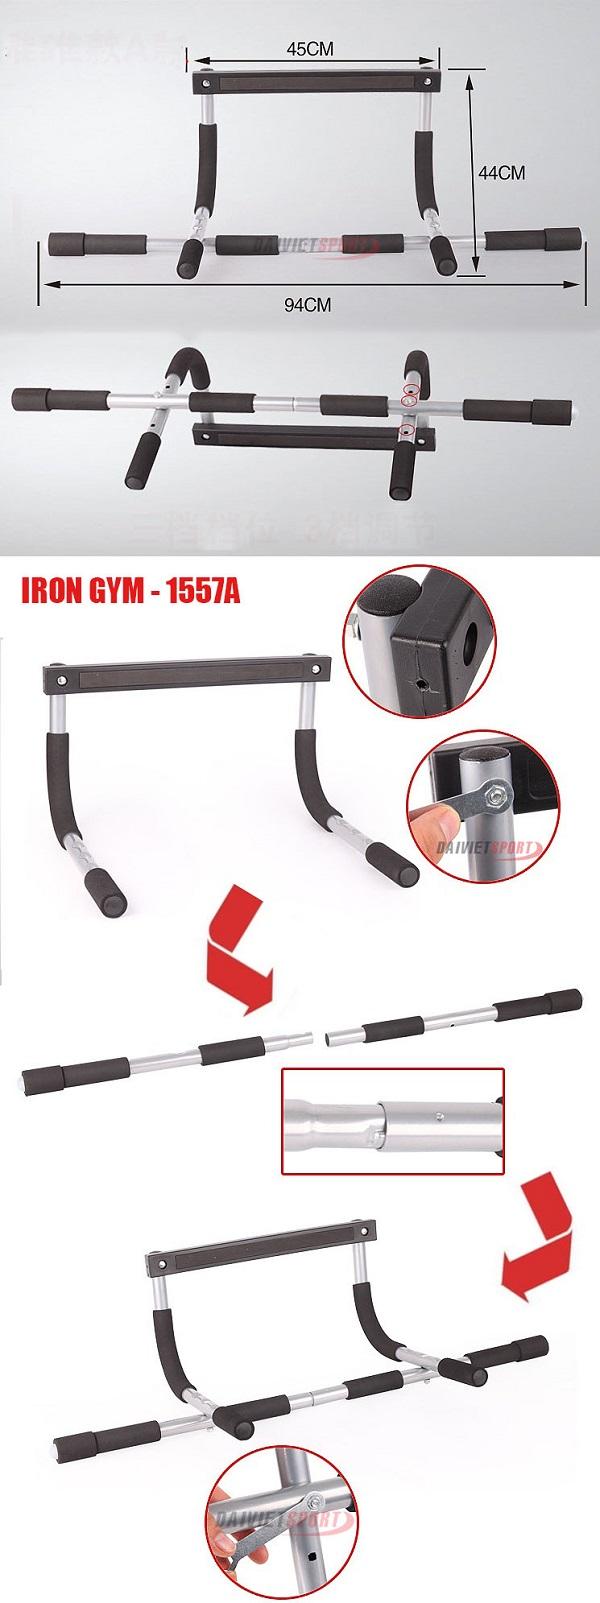 IRON GYM - 1557A